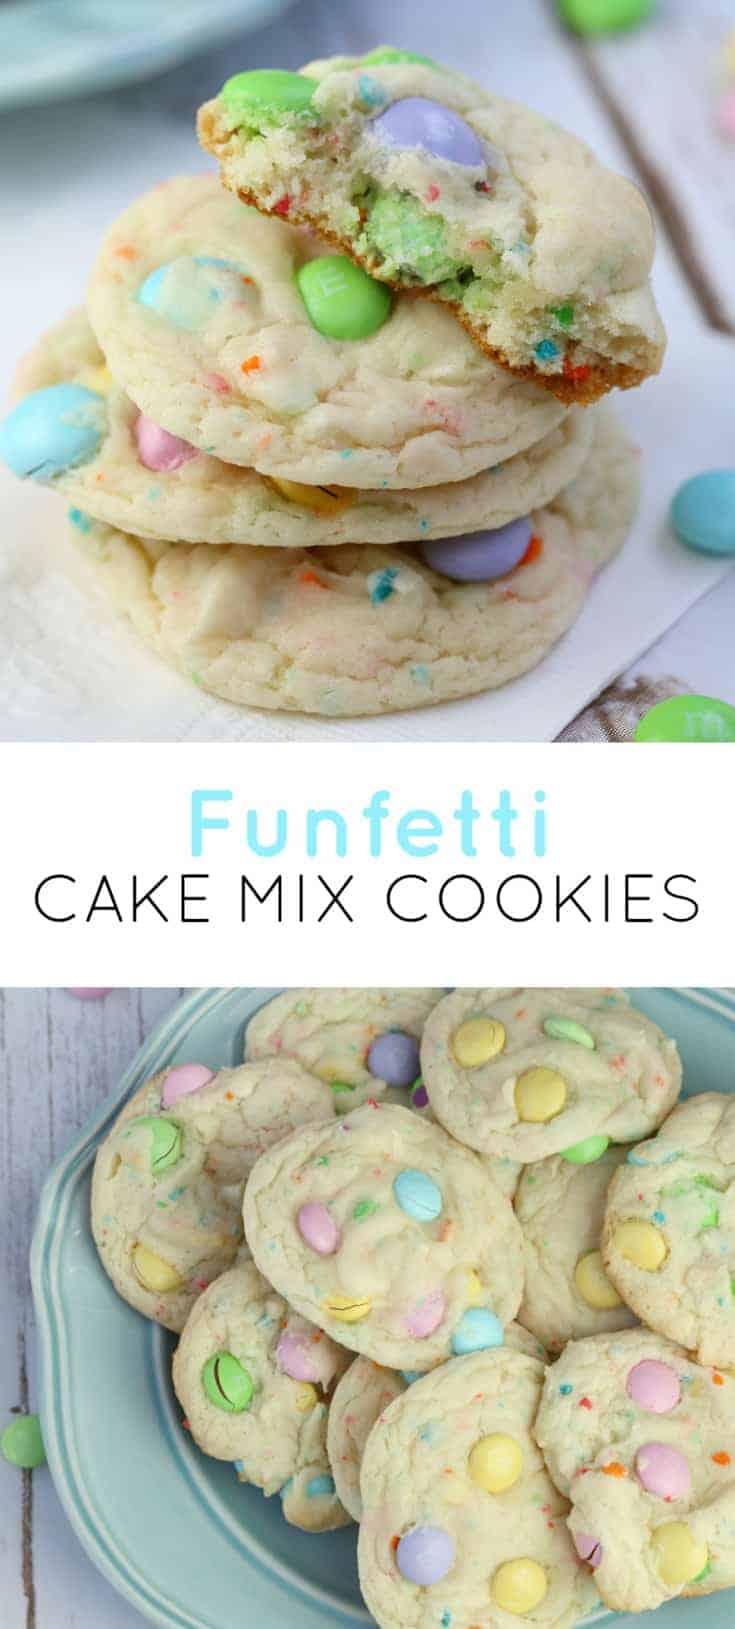 Funfetti Cake Mix Cookies My Organized Chaos